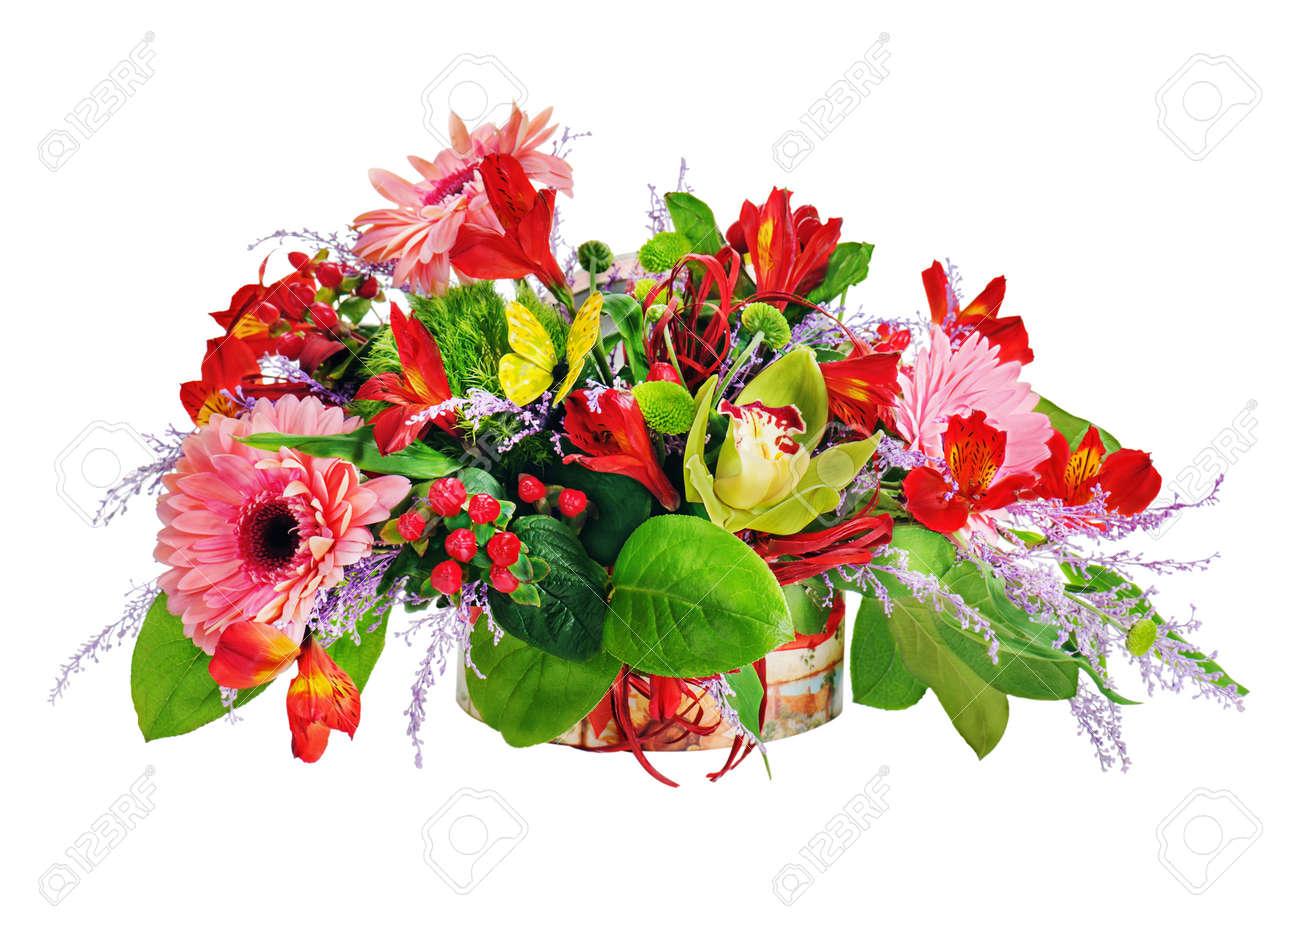 Arreglo Floral De Lirios Clavos Y Orquídeas En Cofre De Cartón En Blanco